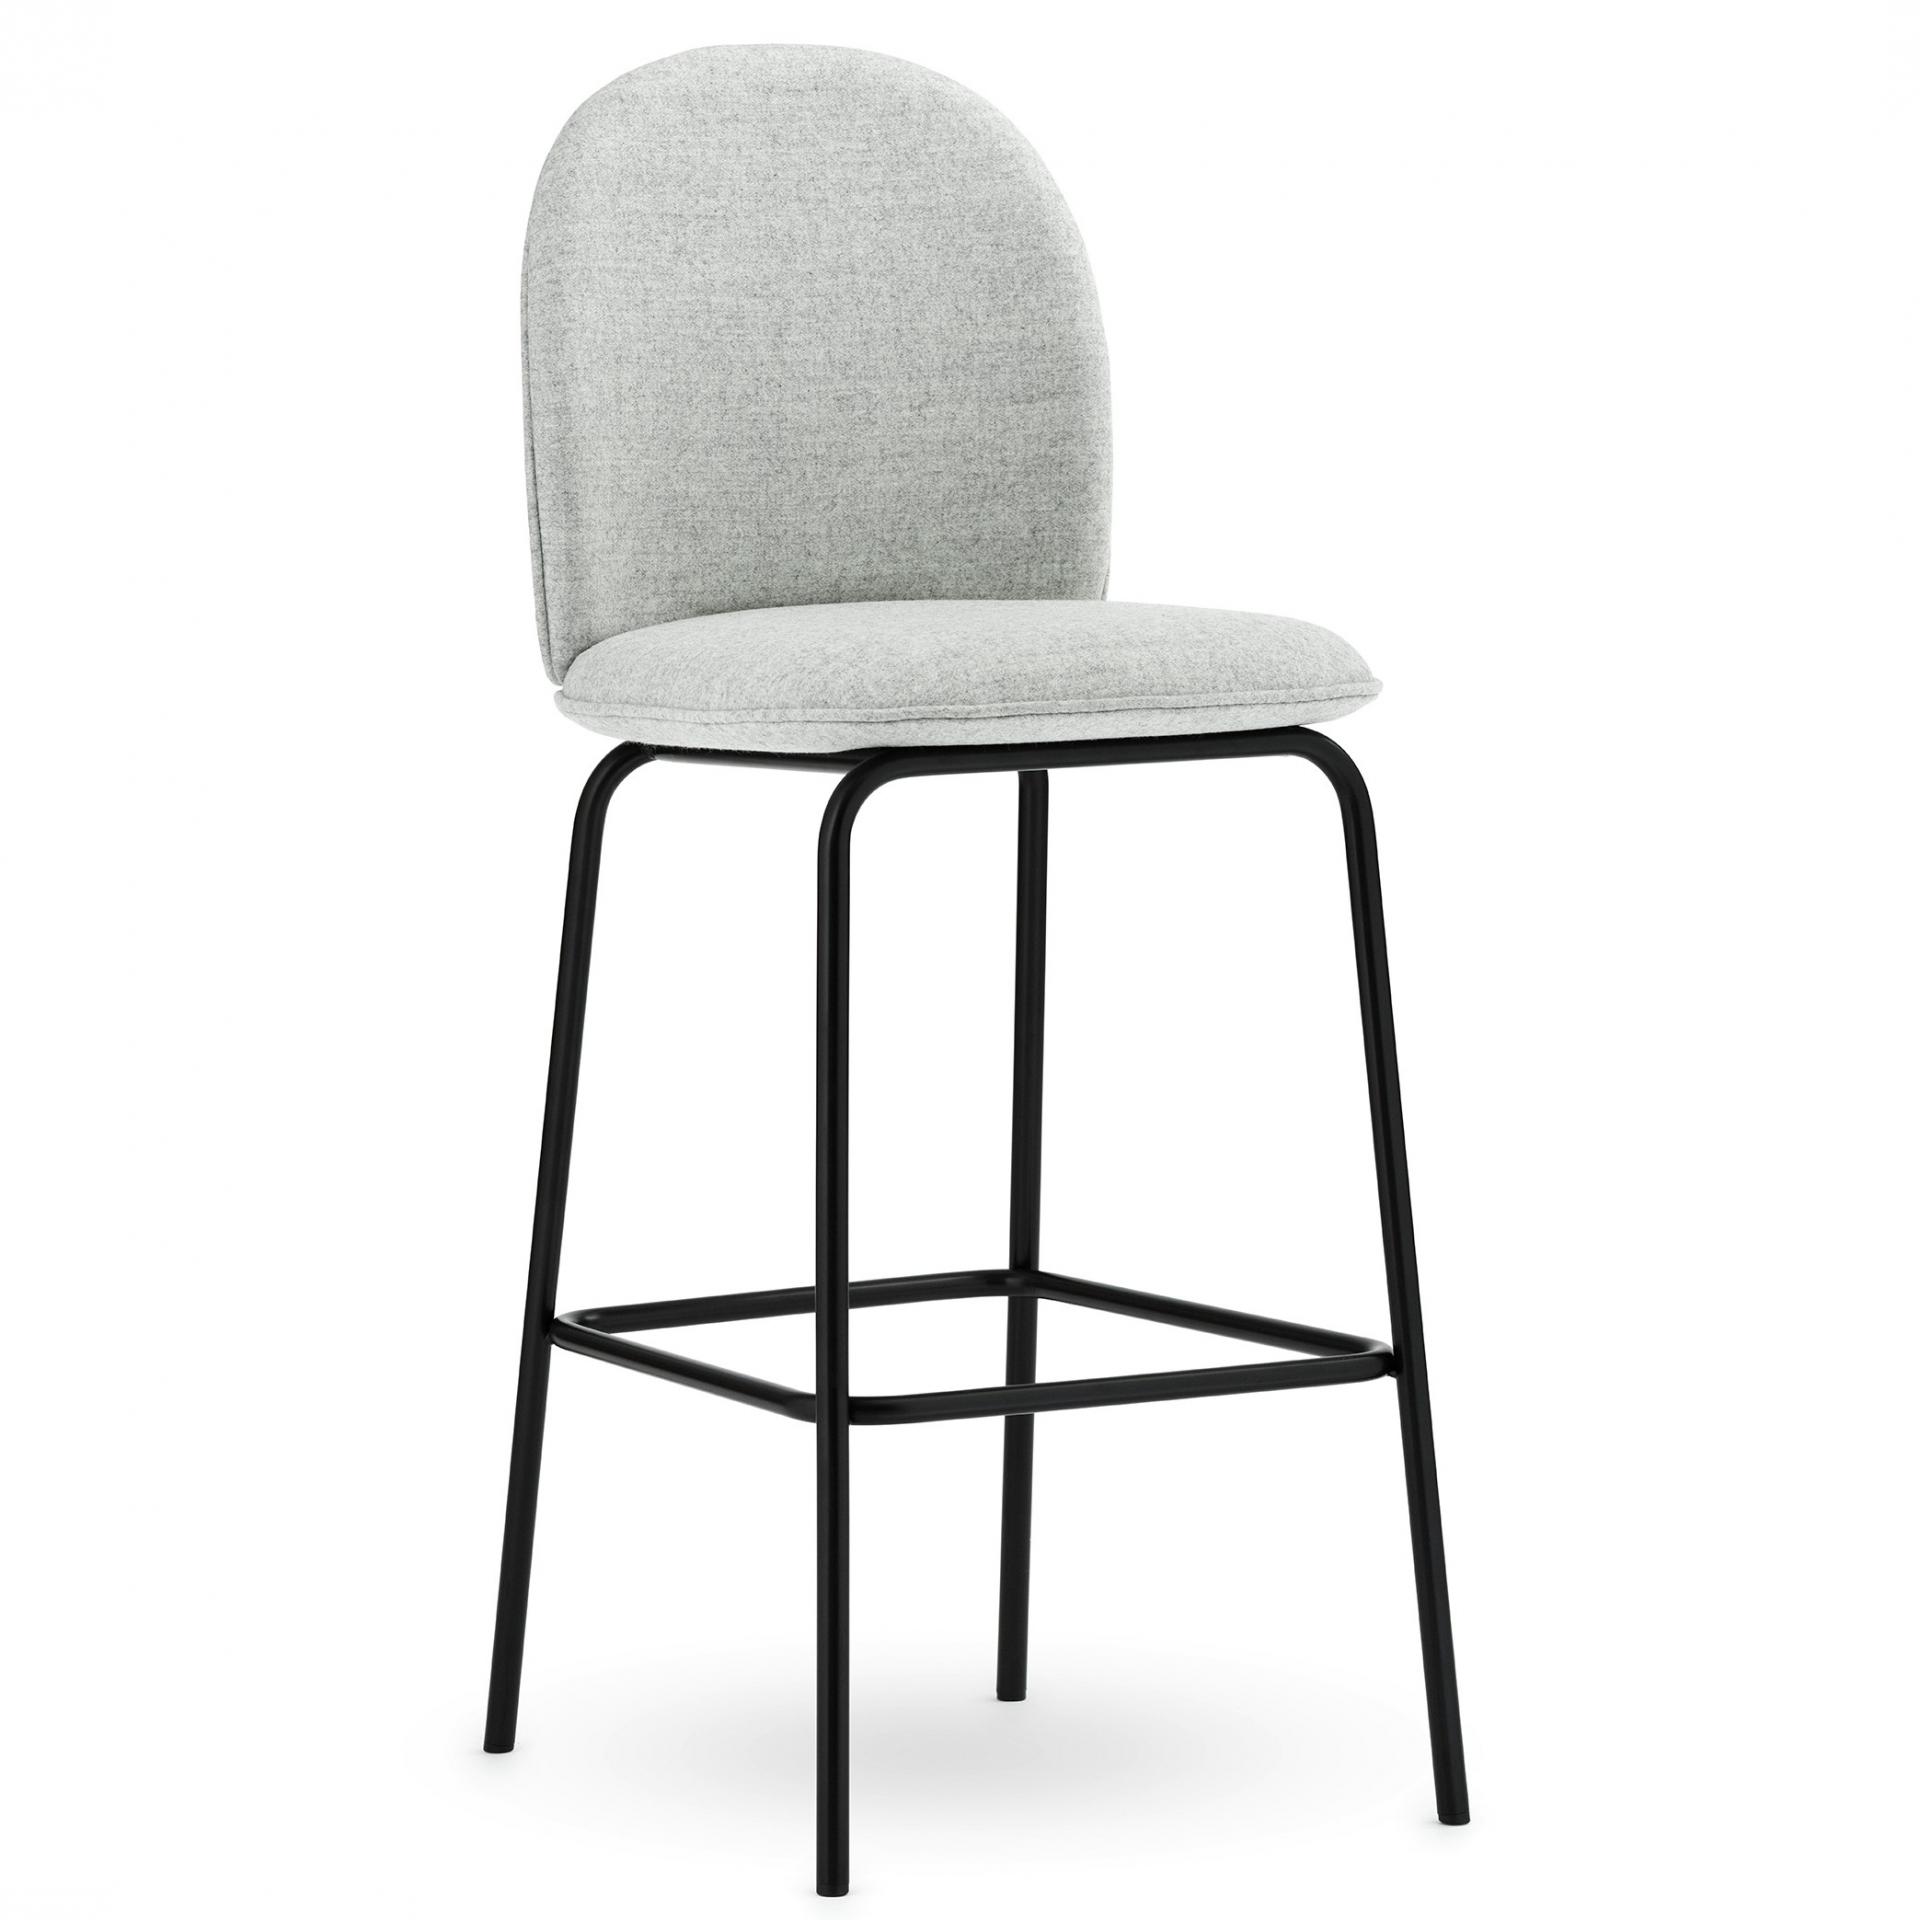 Designové barové židle Ace Bar Chair